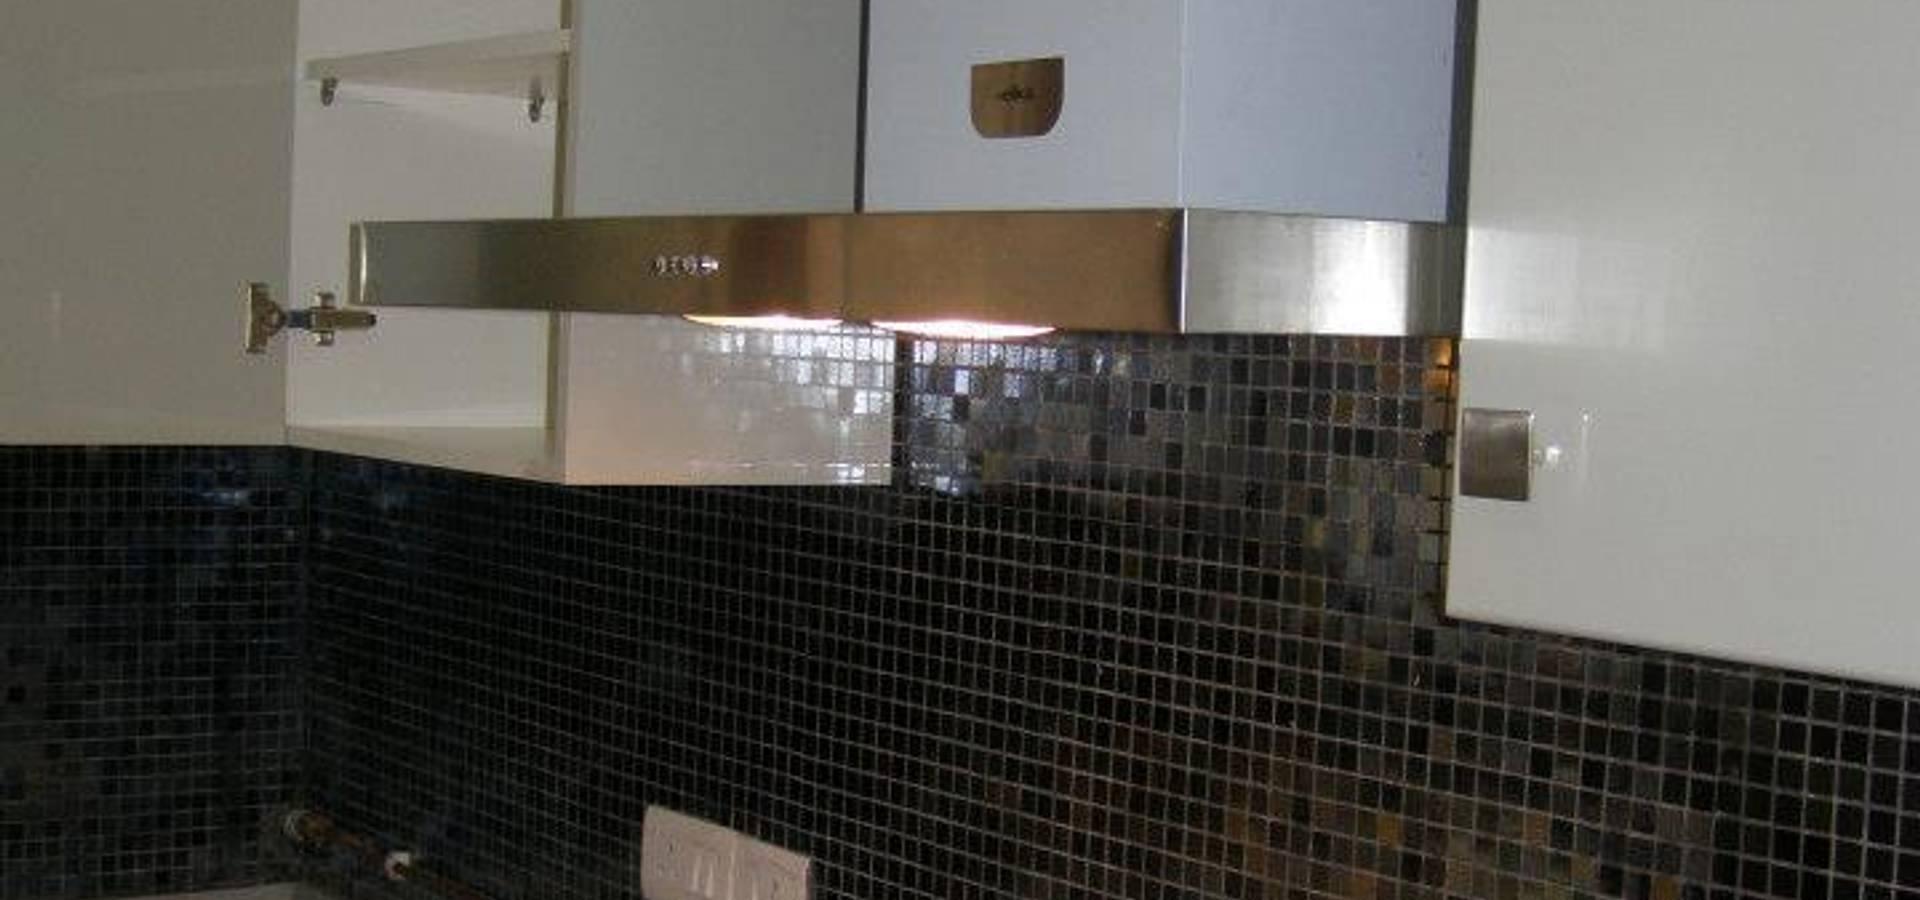 Impetus kitchens